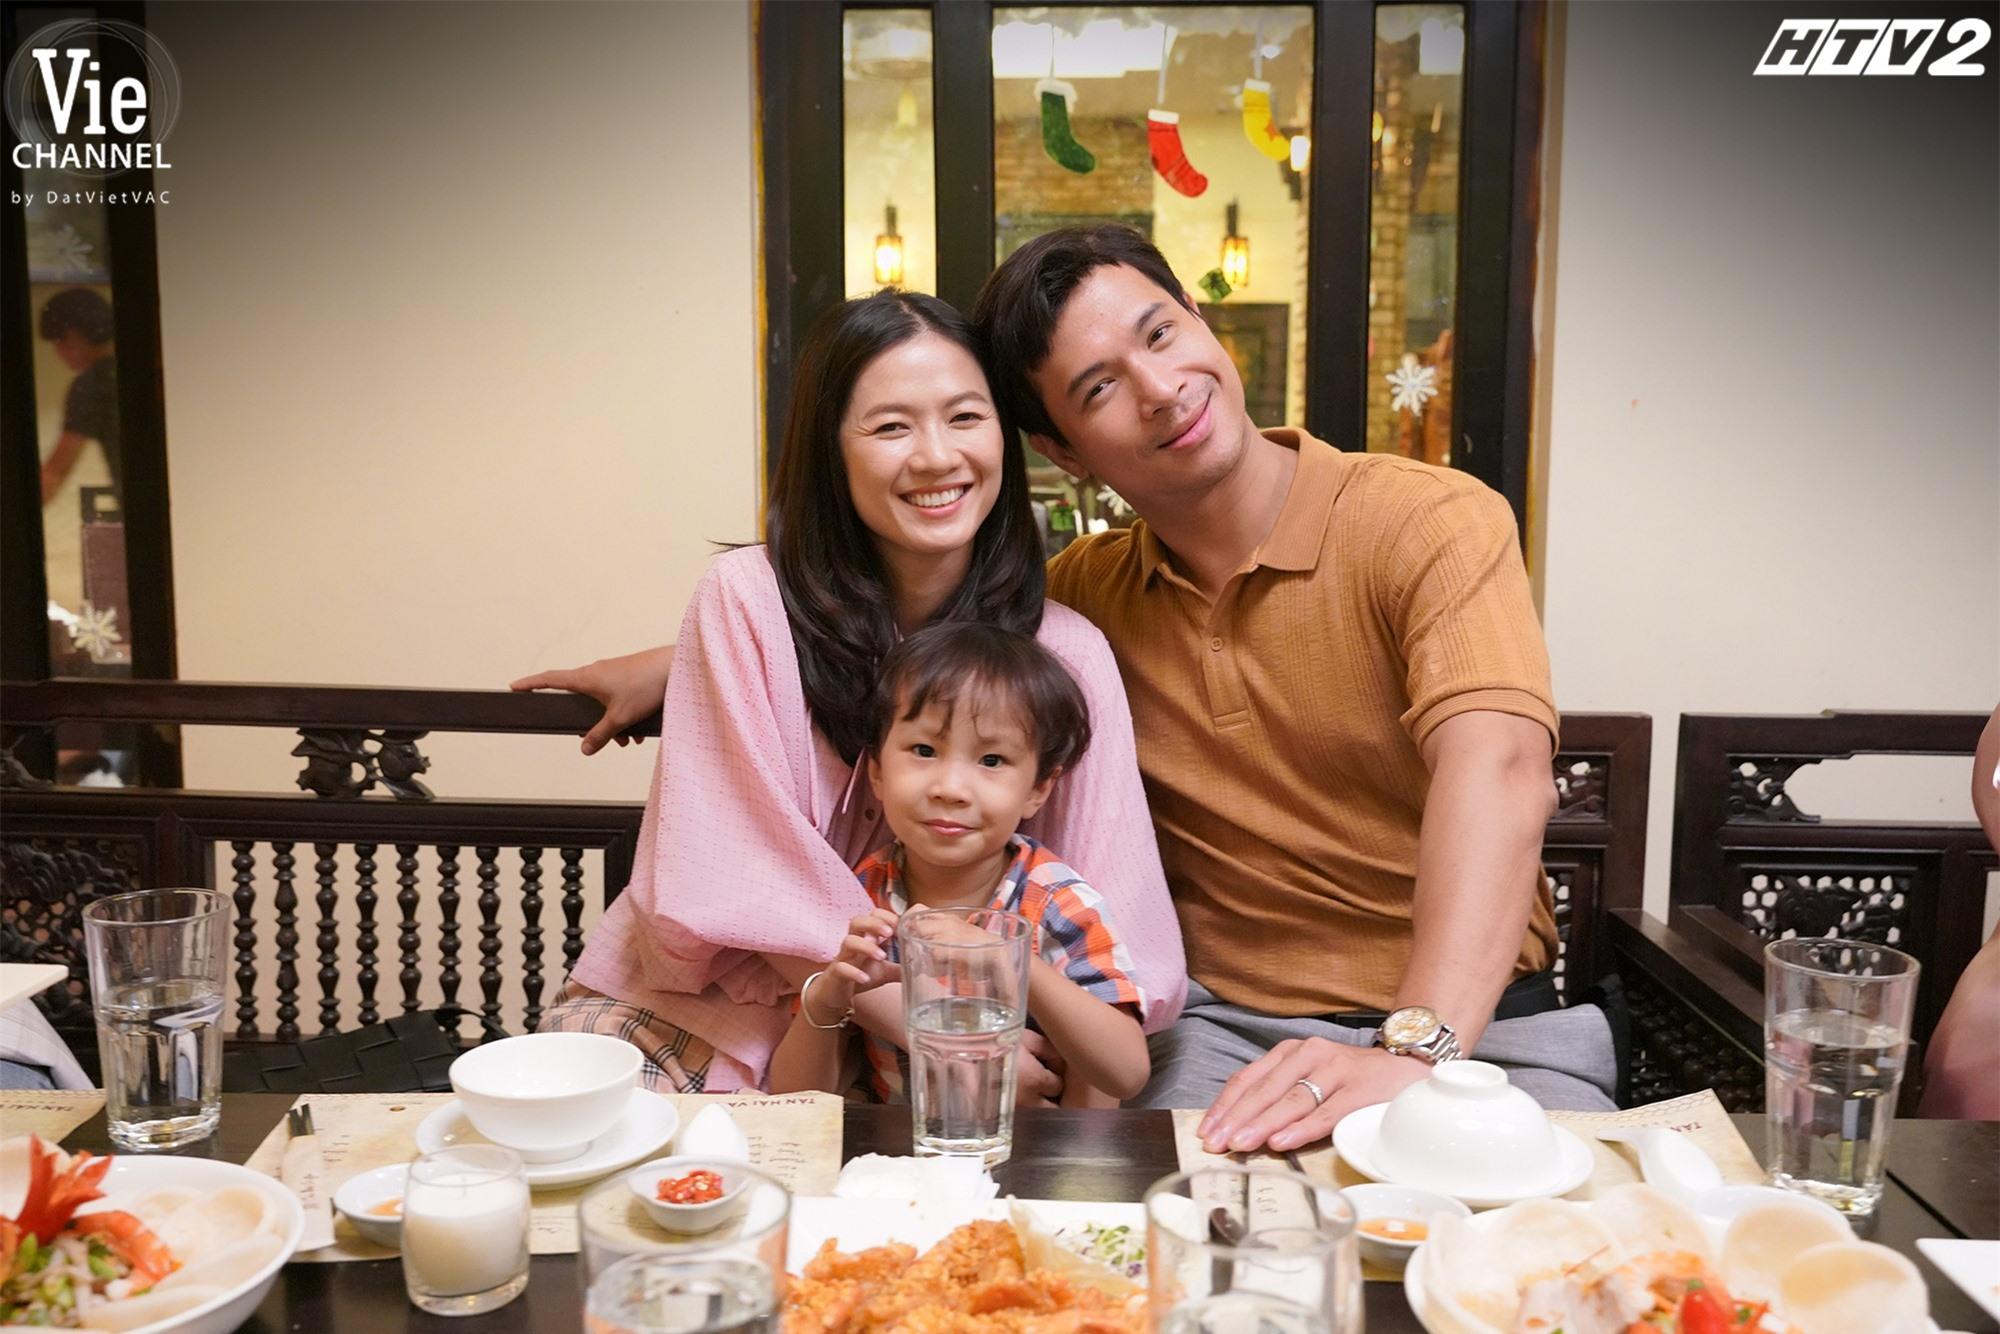 Cây táo nở hoa thu hút gần 1 tỷ lượt xem và tương tác của khán giả, là phim Việt hot nhất trên nền tảng trực tuyến - Ảnh 2.